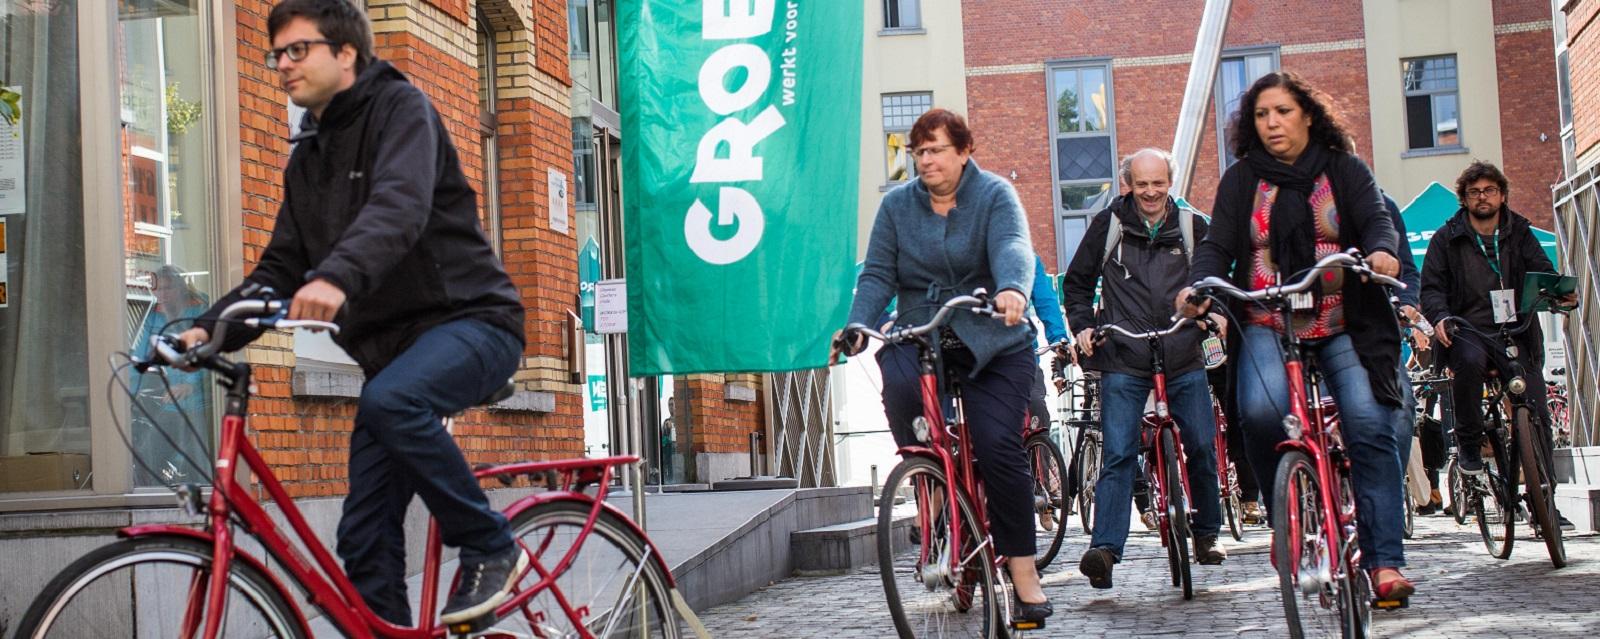 <h2> Een gemeente met veilige wegen voor iedereen.</h2><div>SamenGROEN kiest voor een duurzame en veilige mobiliteit voor Glabbeek. De levenskwaliteit van de omwonenden komt hierbij steeds op de eerste plaats.</div>